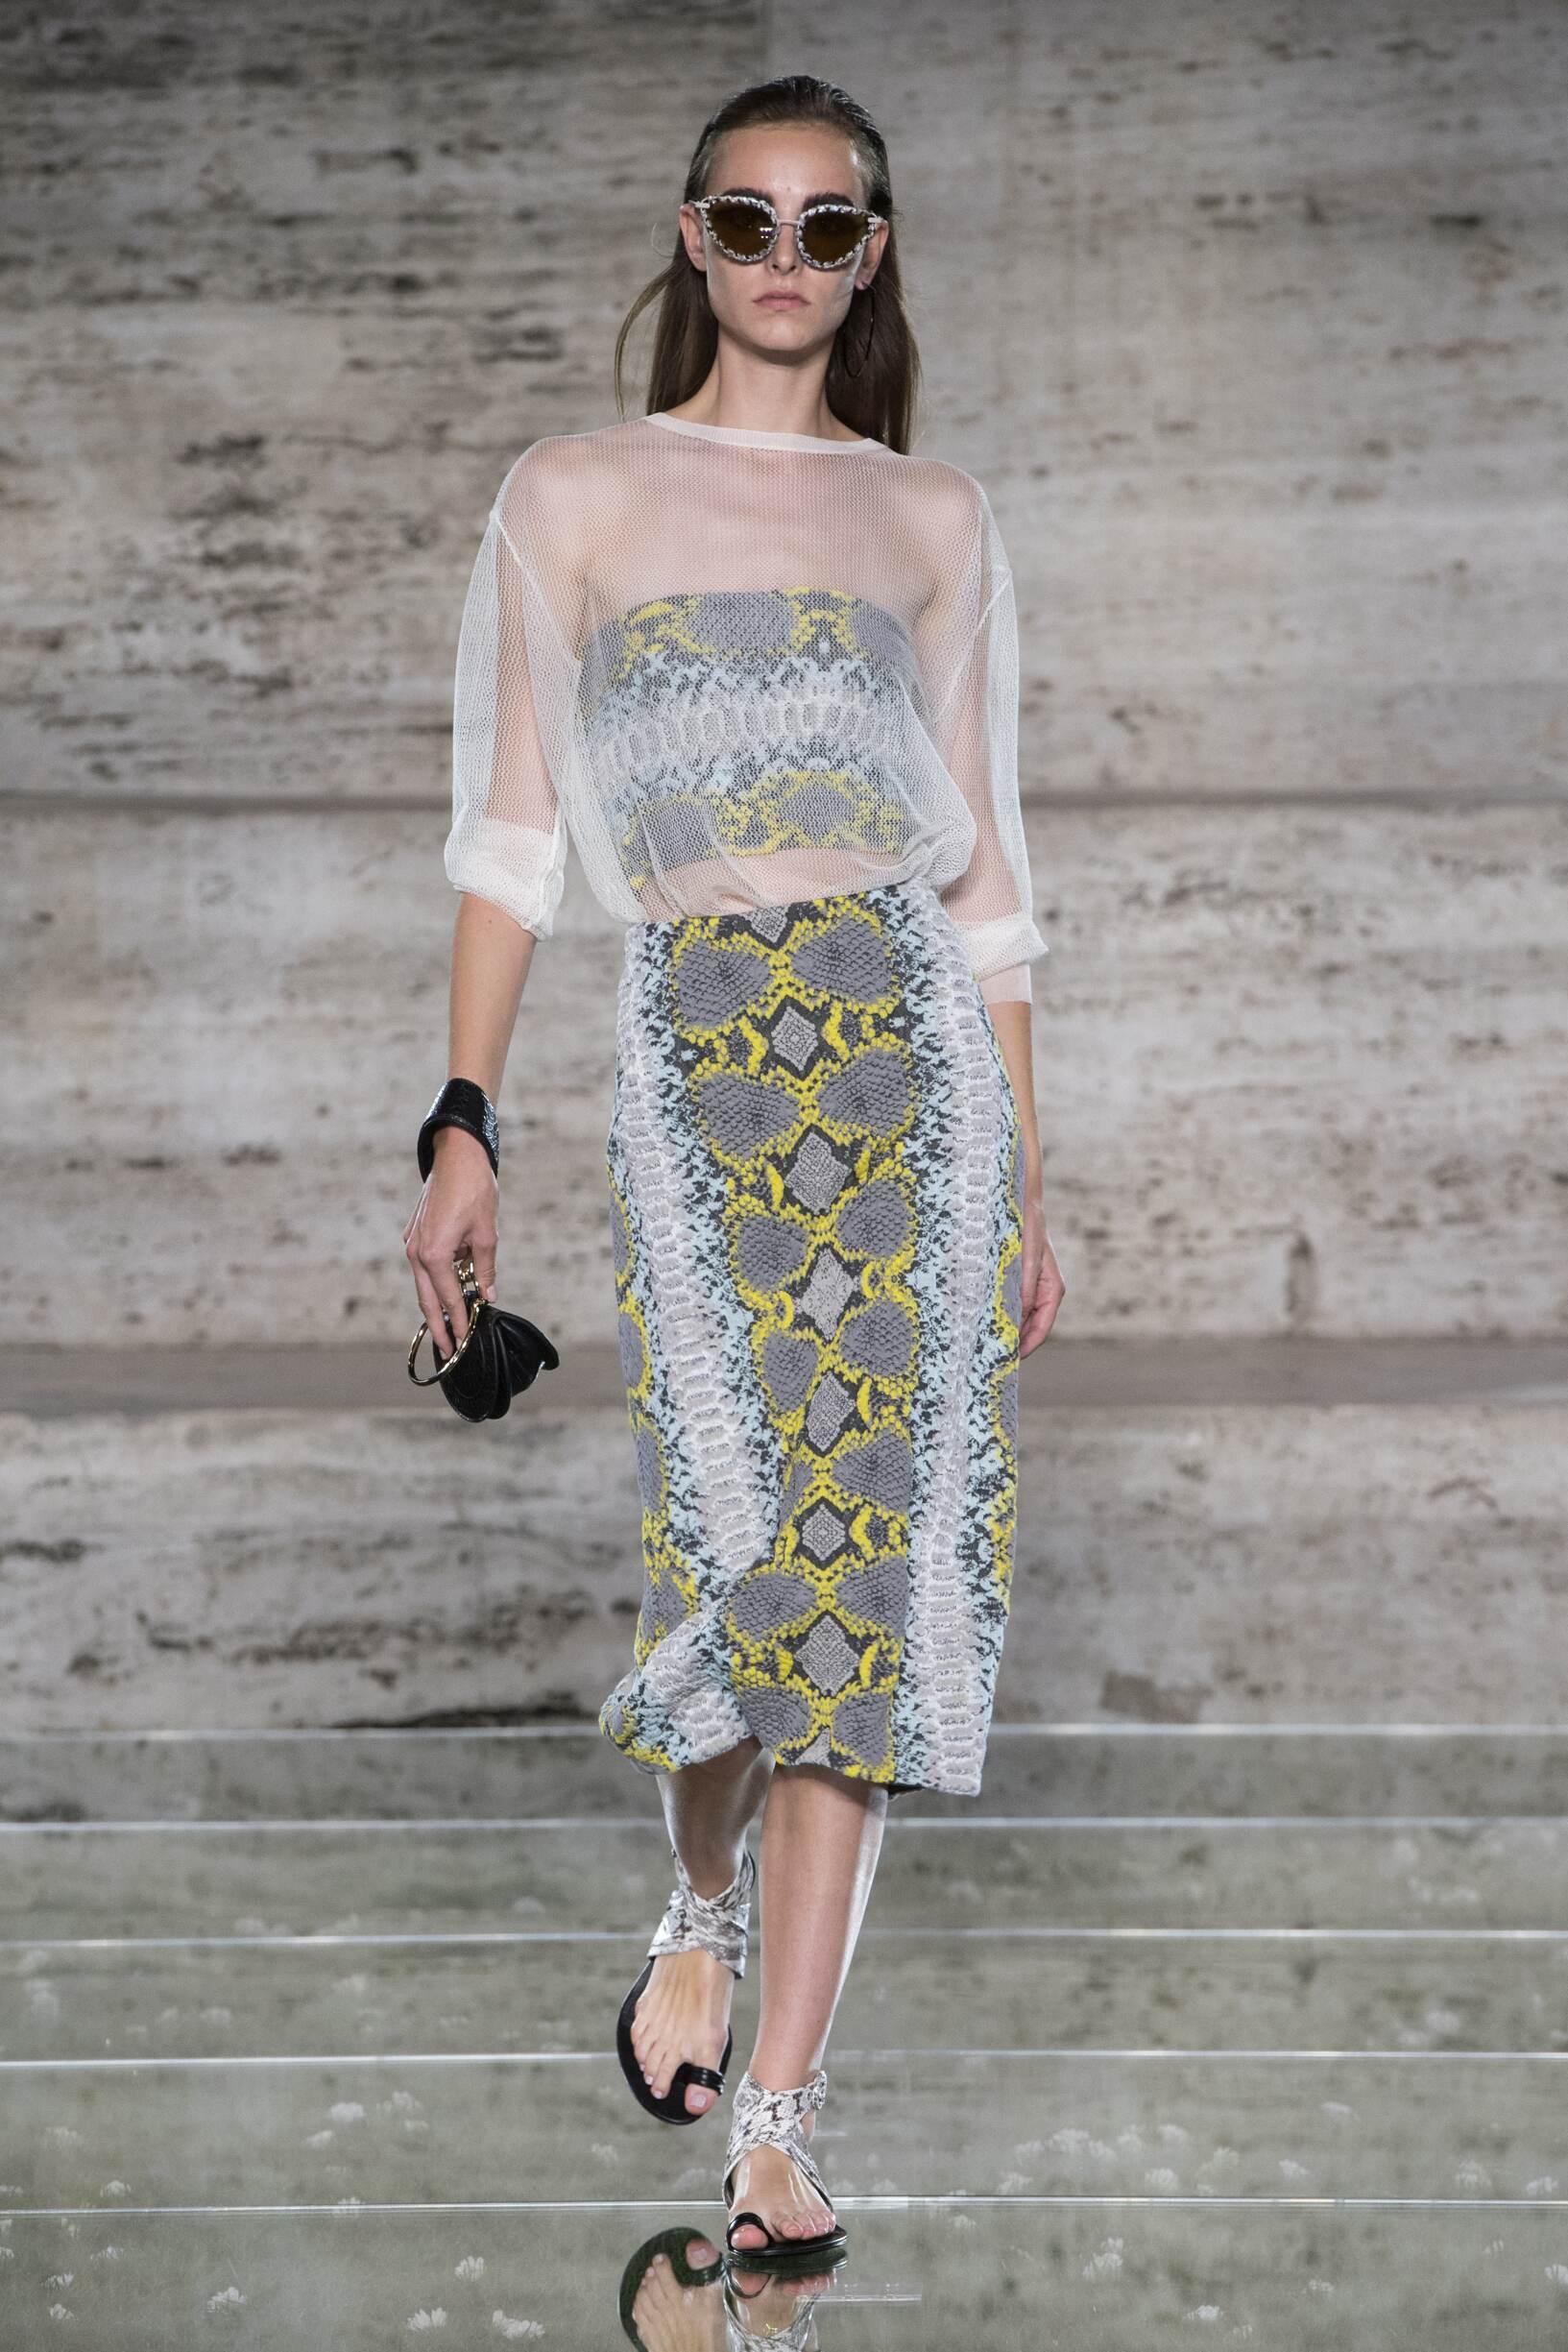 Salvatore Ferragamo SS 2018 Womenswear